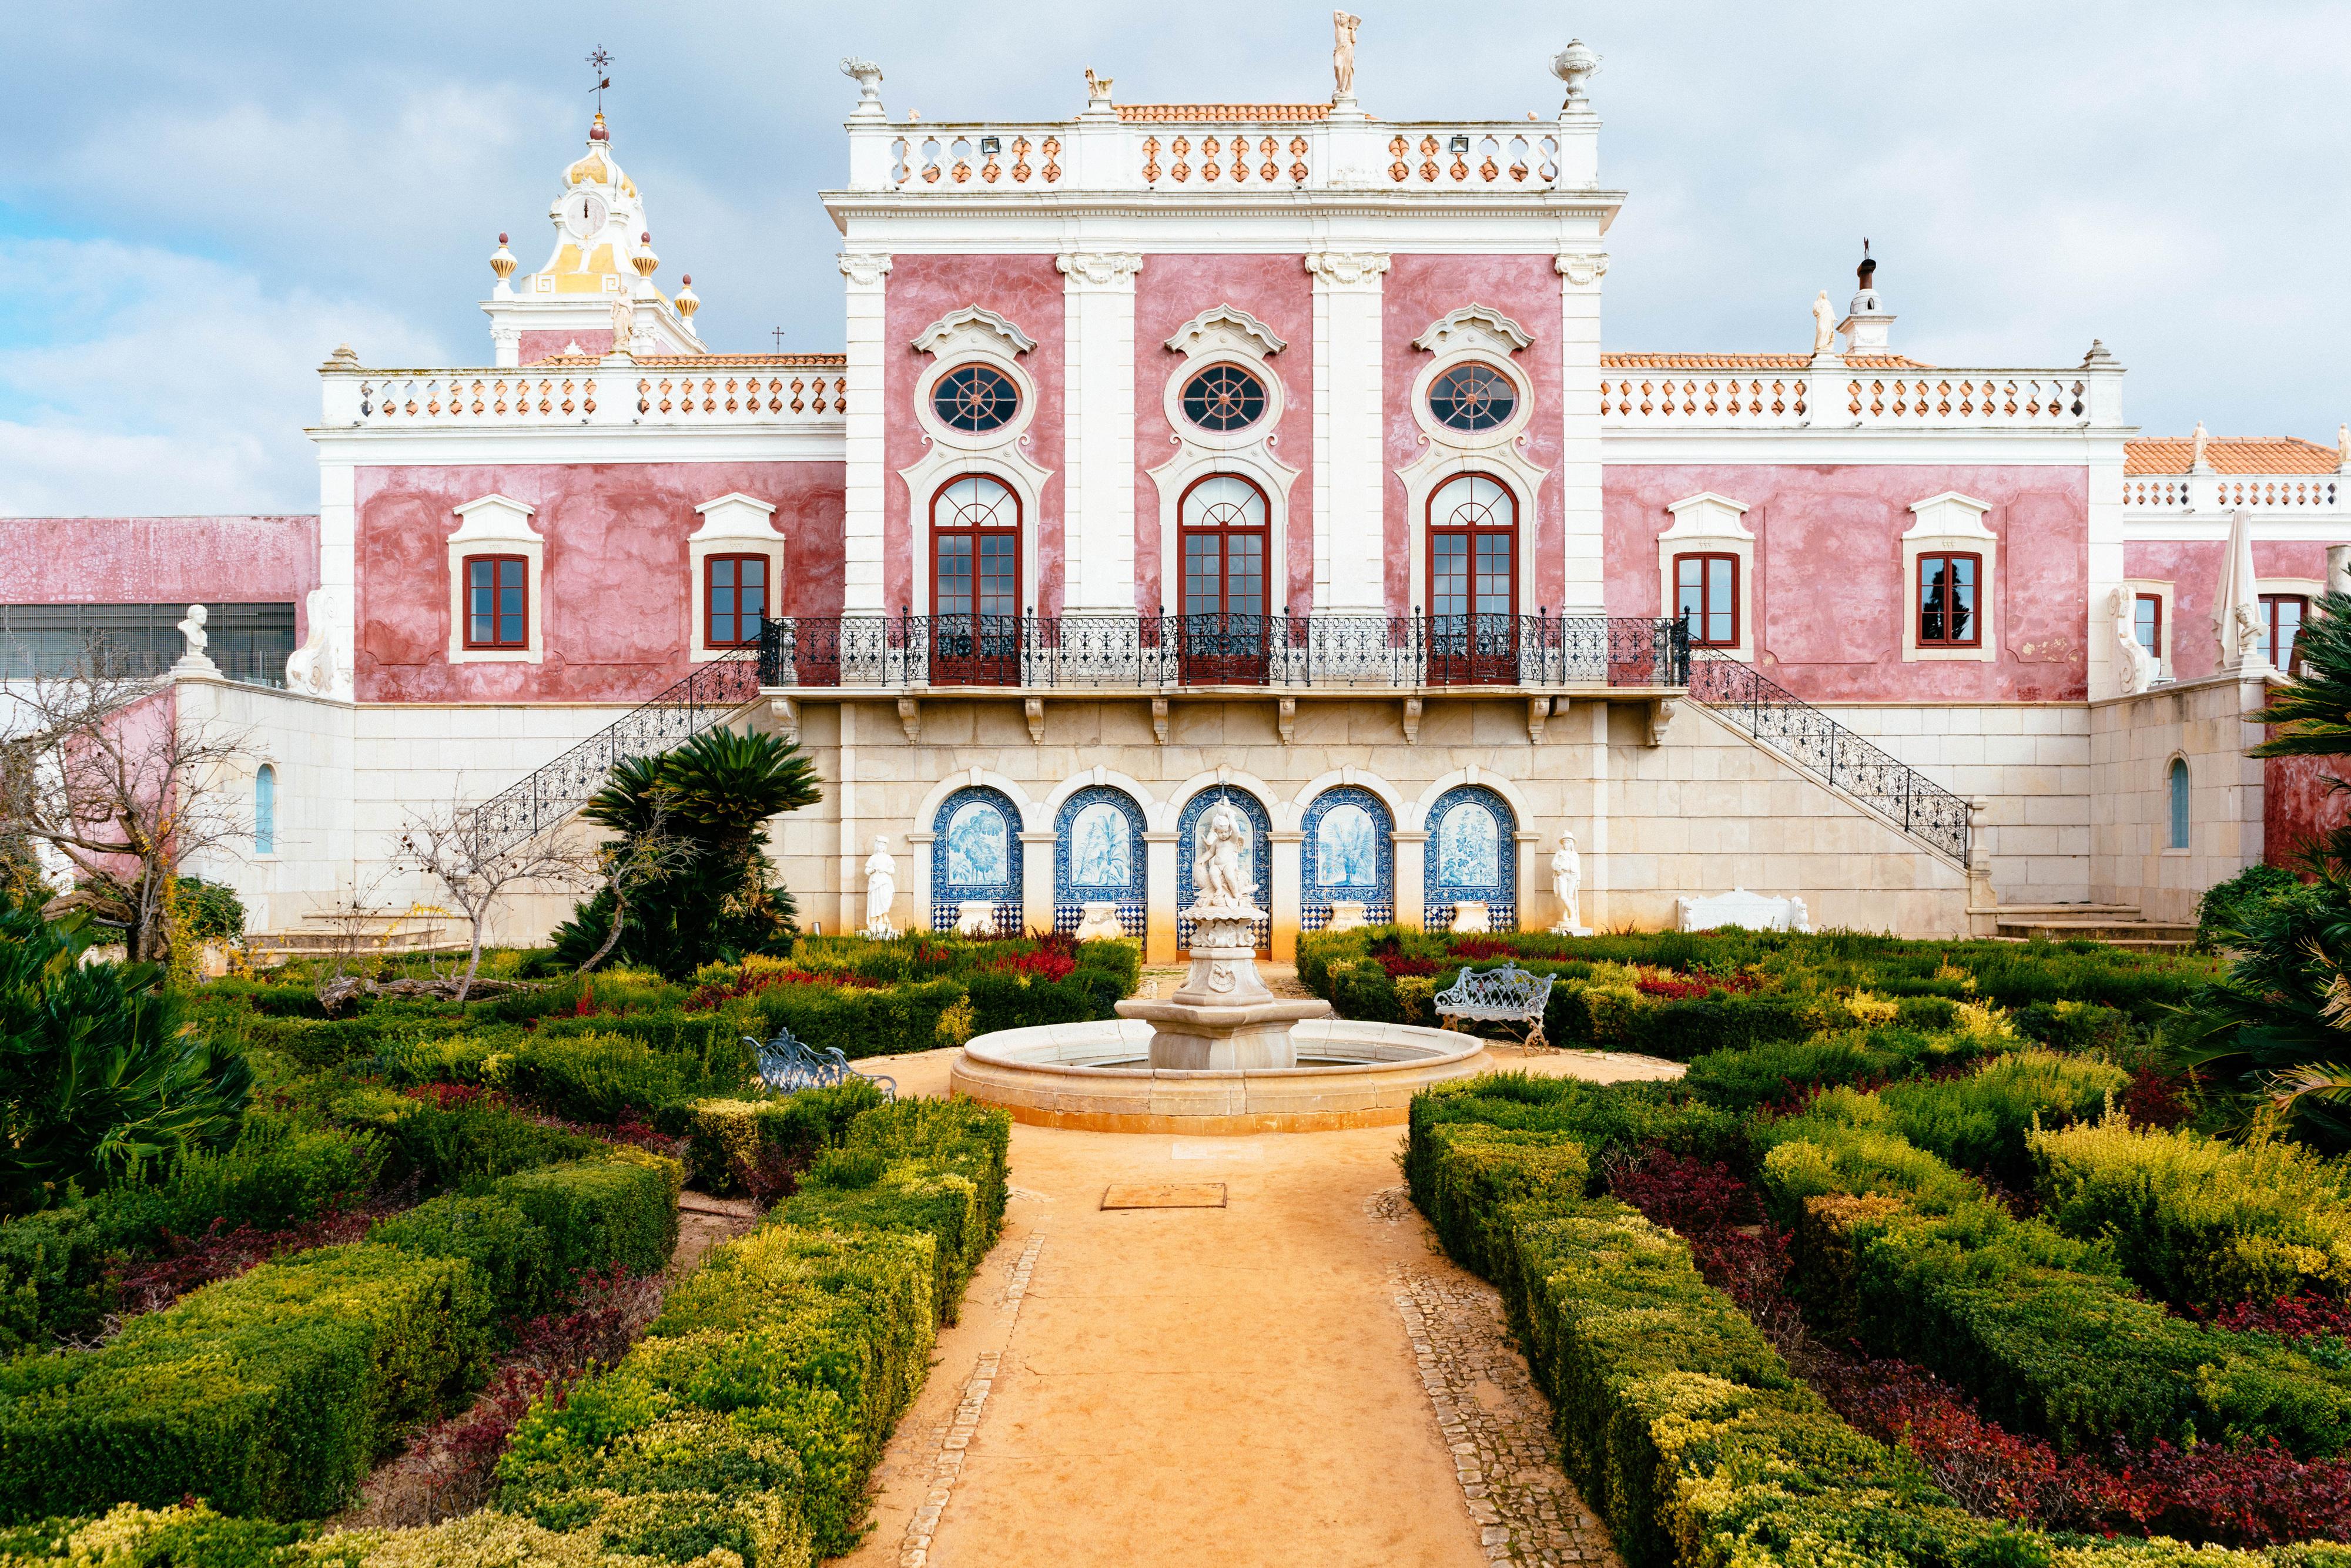 4000x2668 Portugal Jardíns Fuente Pousada Palacio De Estoi Faro Arbusto Ciudades